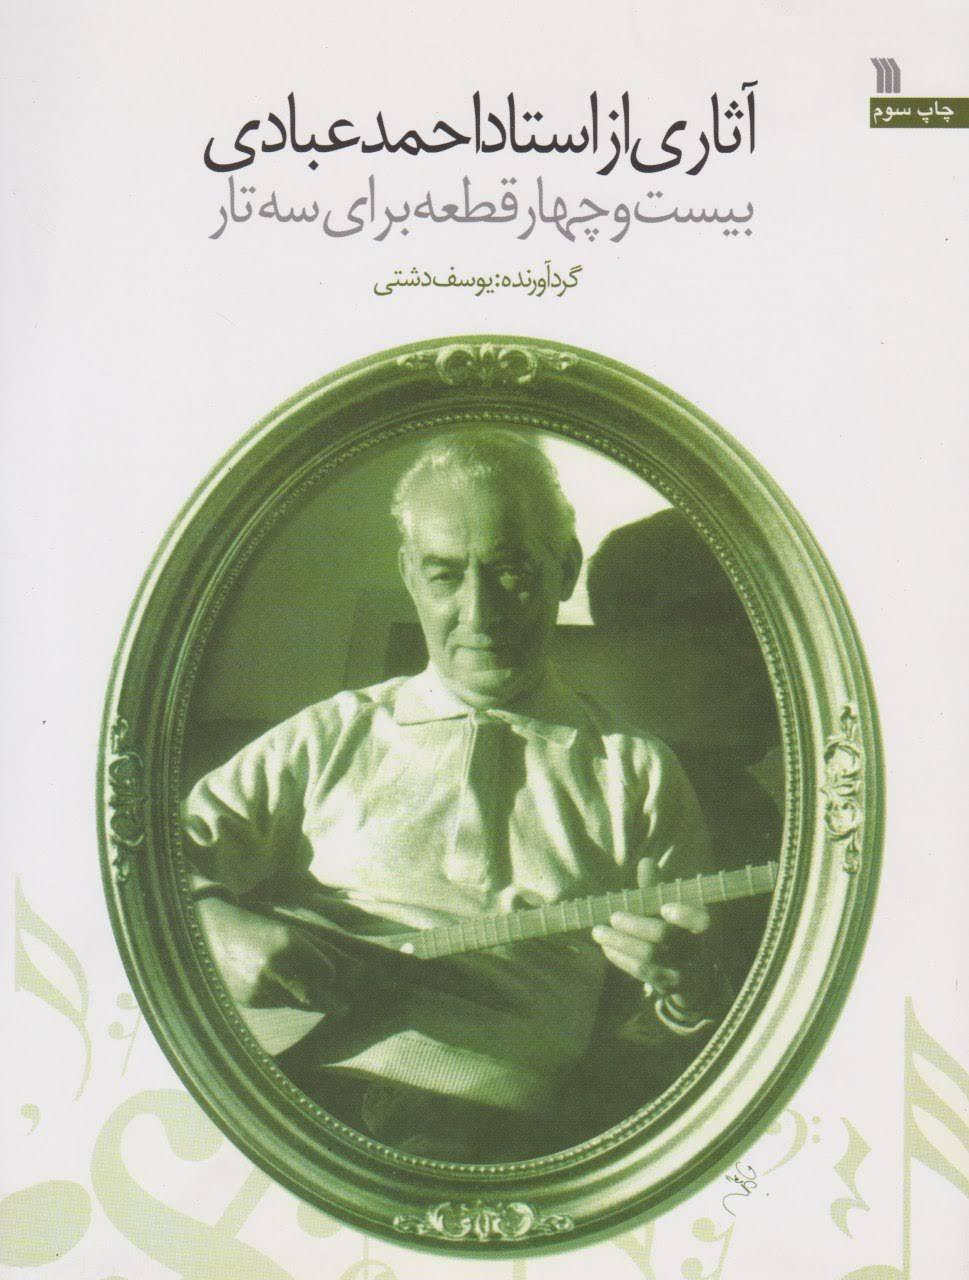 کتاب آثاری از استاد احمد عبادی یوسف دشتی انتشارات سروش